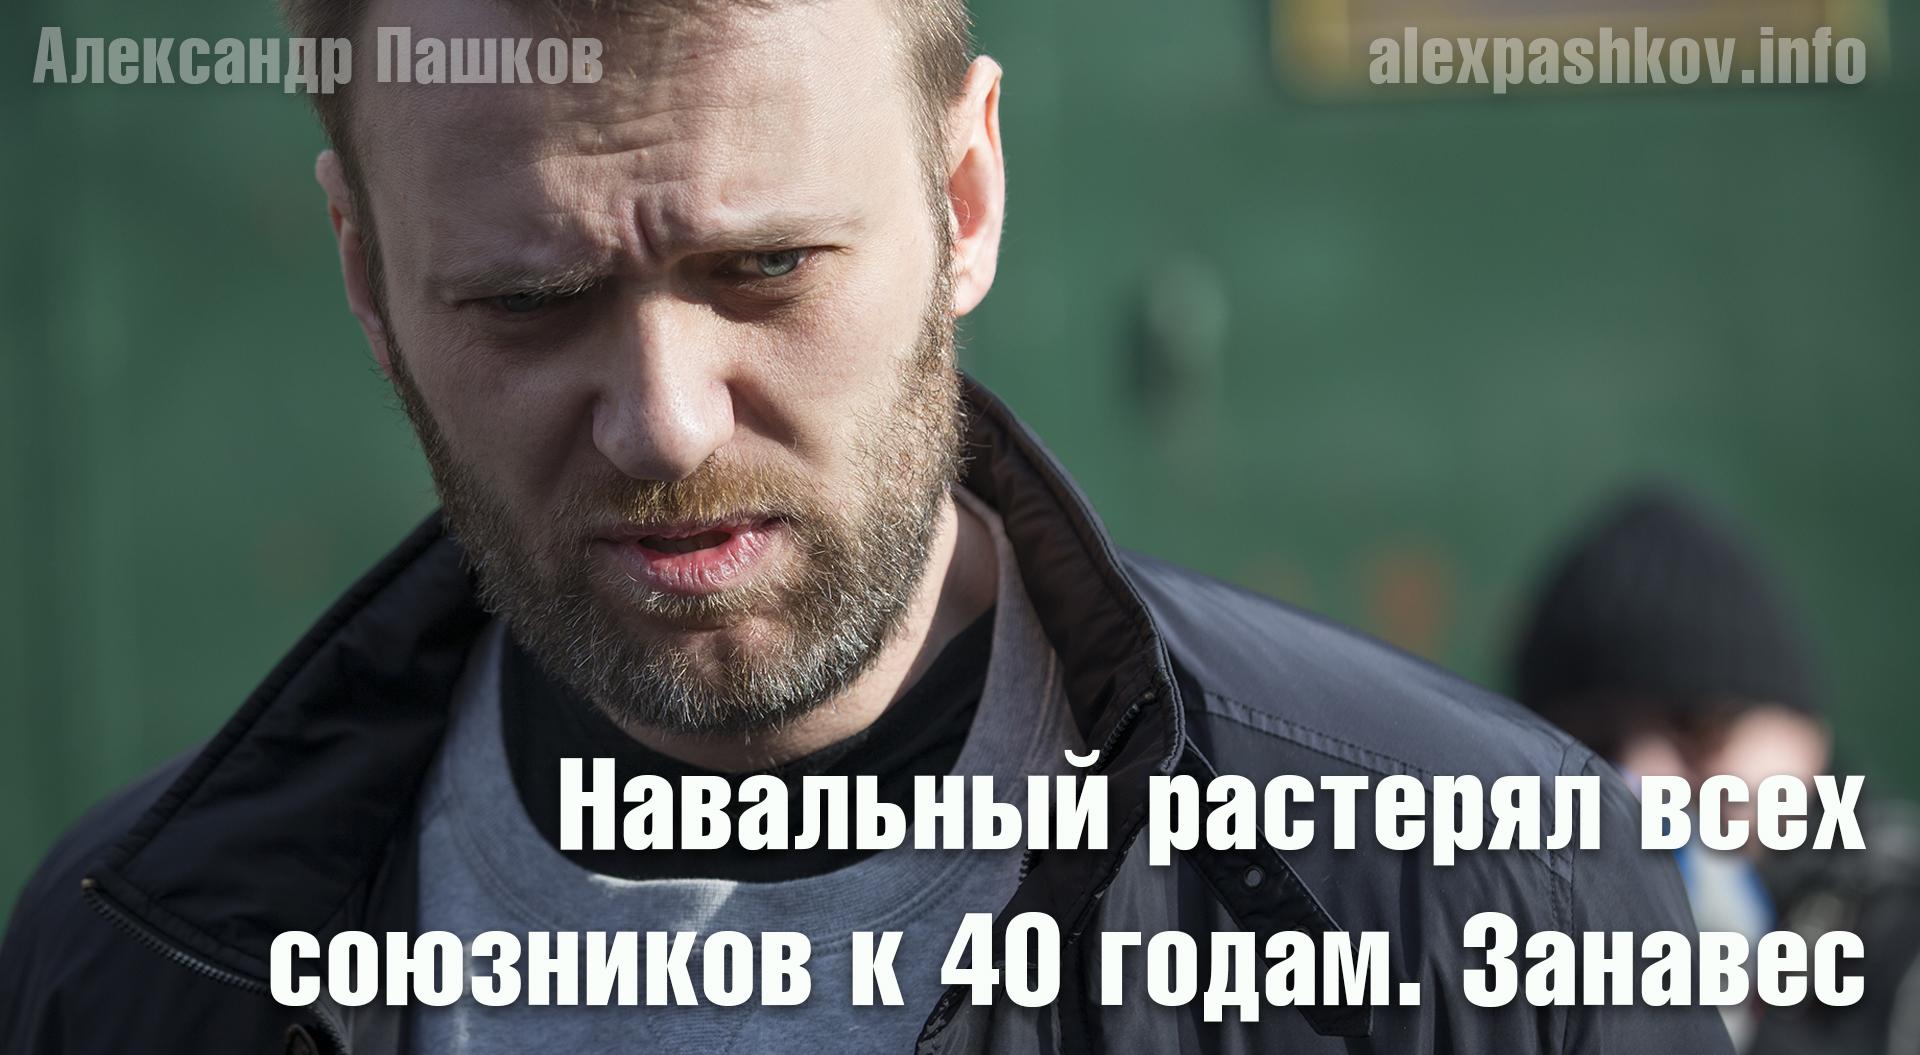 Навальный растерял всех союзников к 40 годам. Занавес